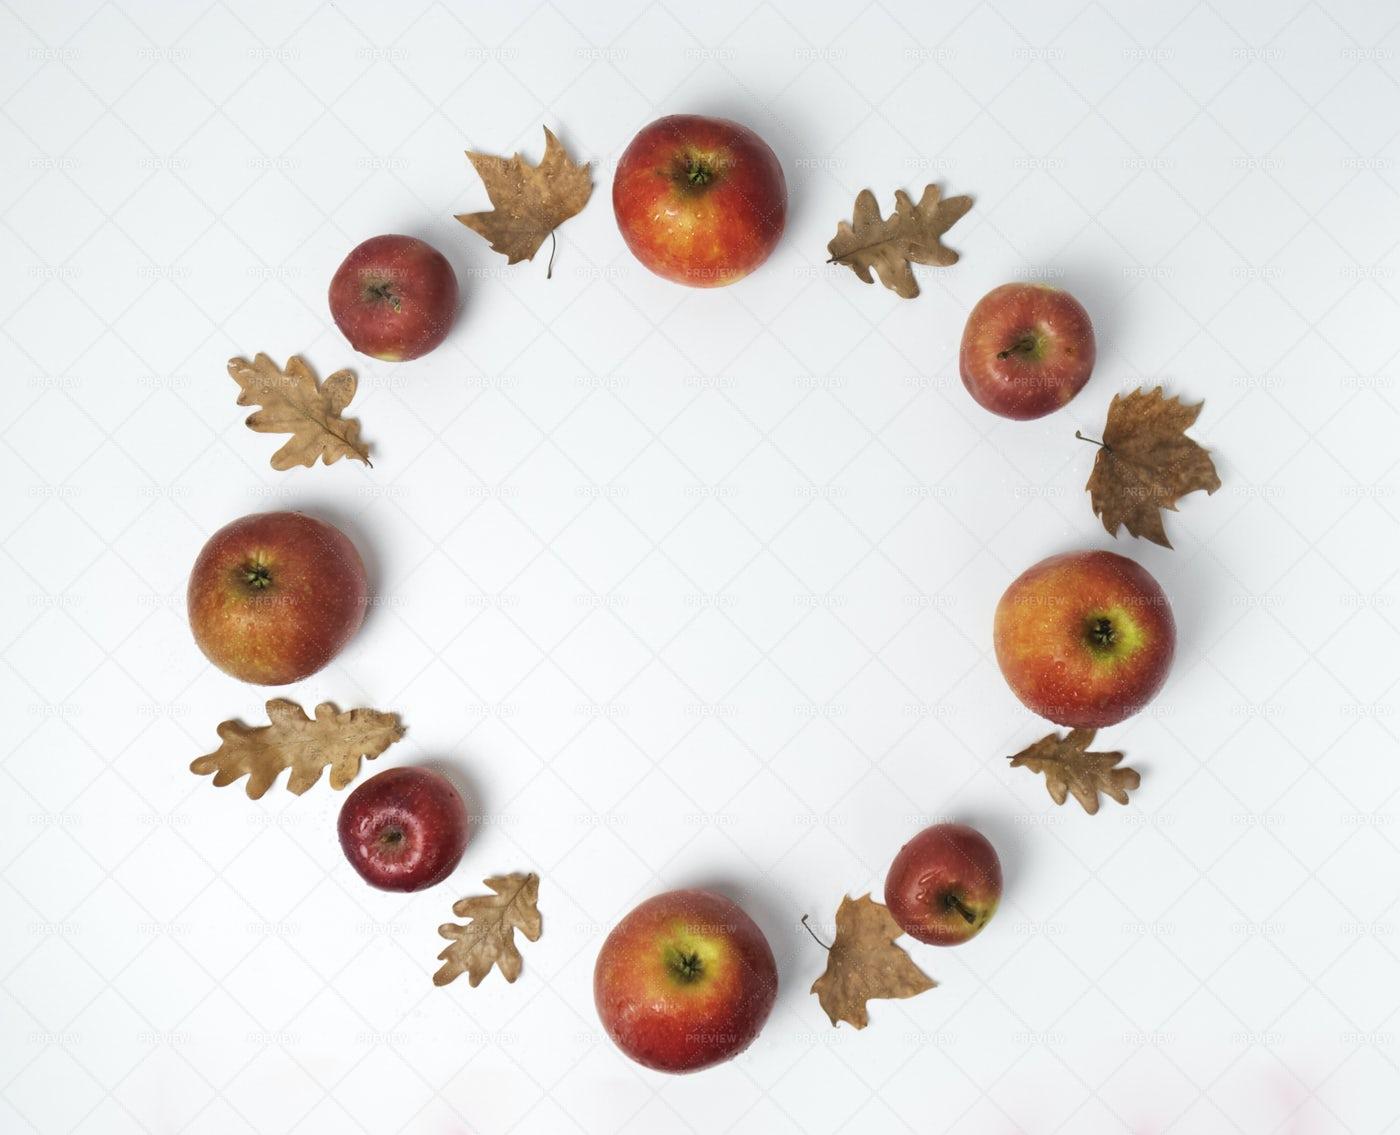 Circle Of Apples: Stock Photos